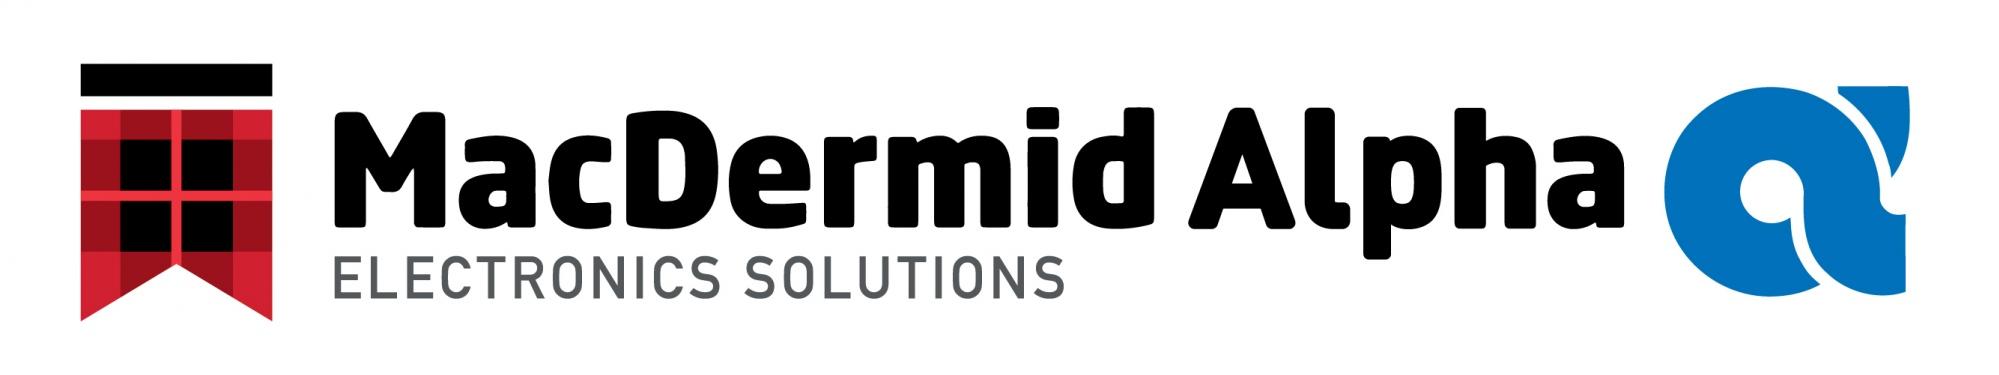 Poster Session Sponsor: MacDermid Alpha